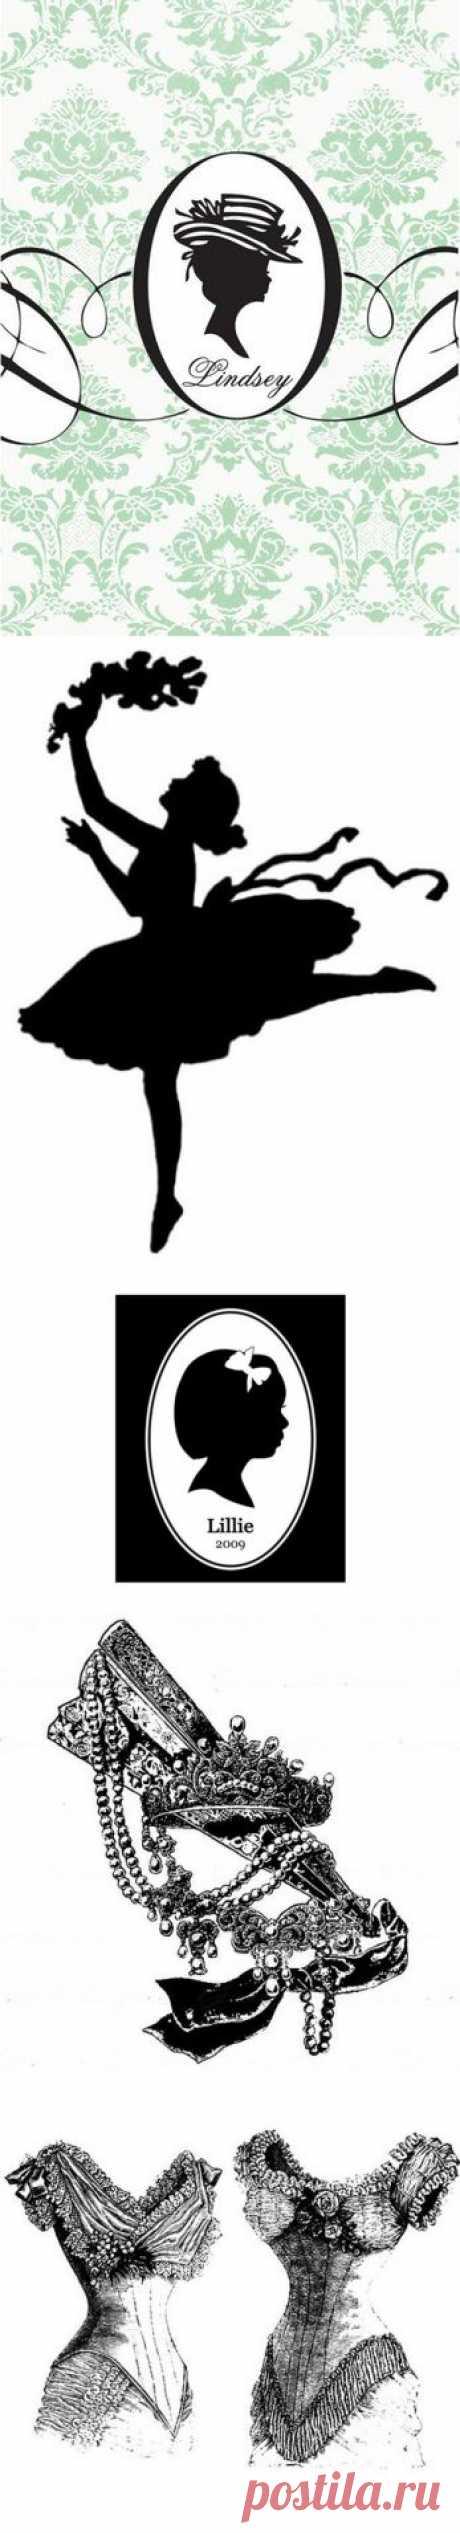 Чёрно-белый винтаж 2.